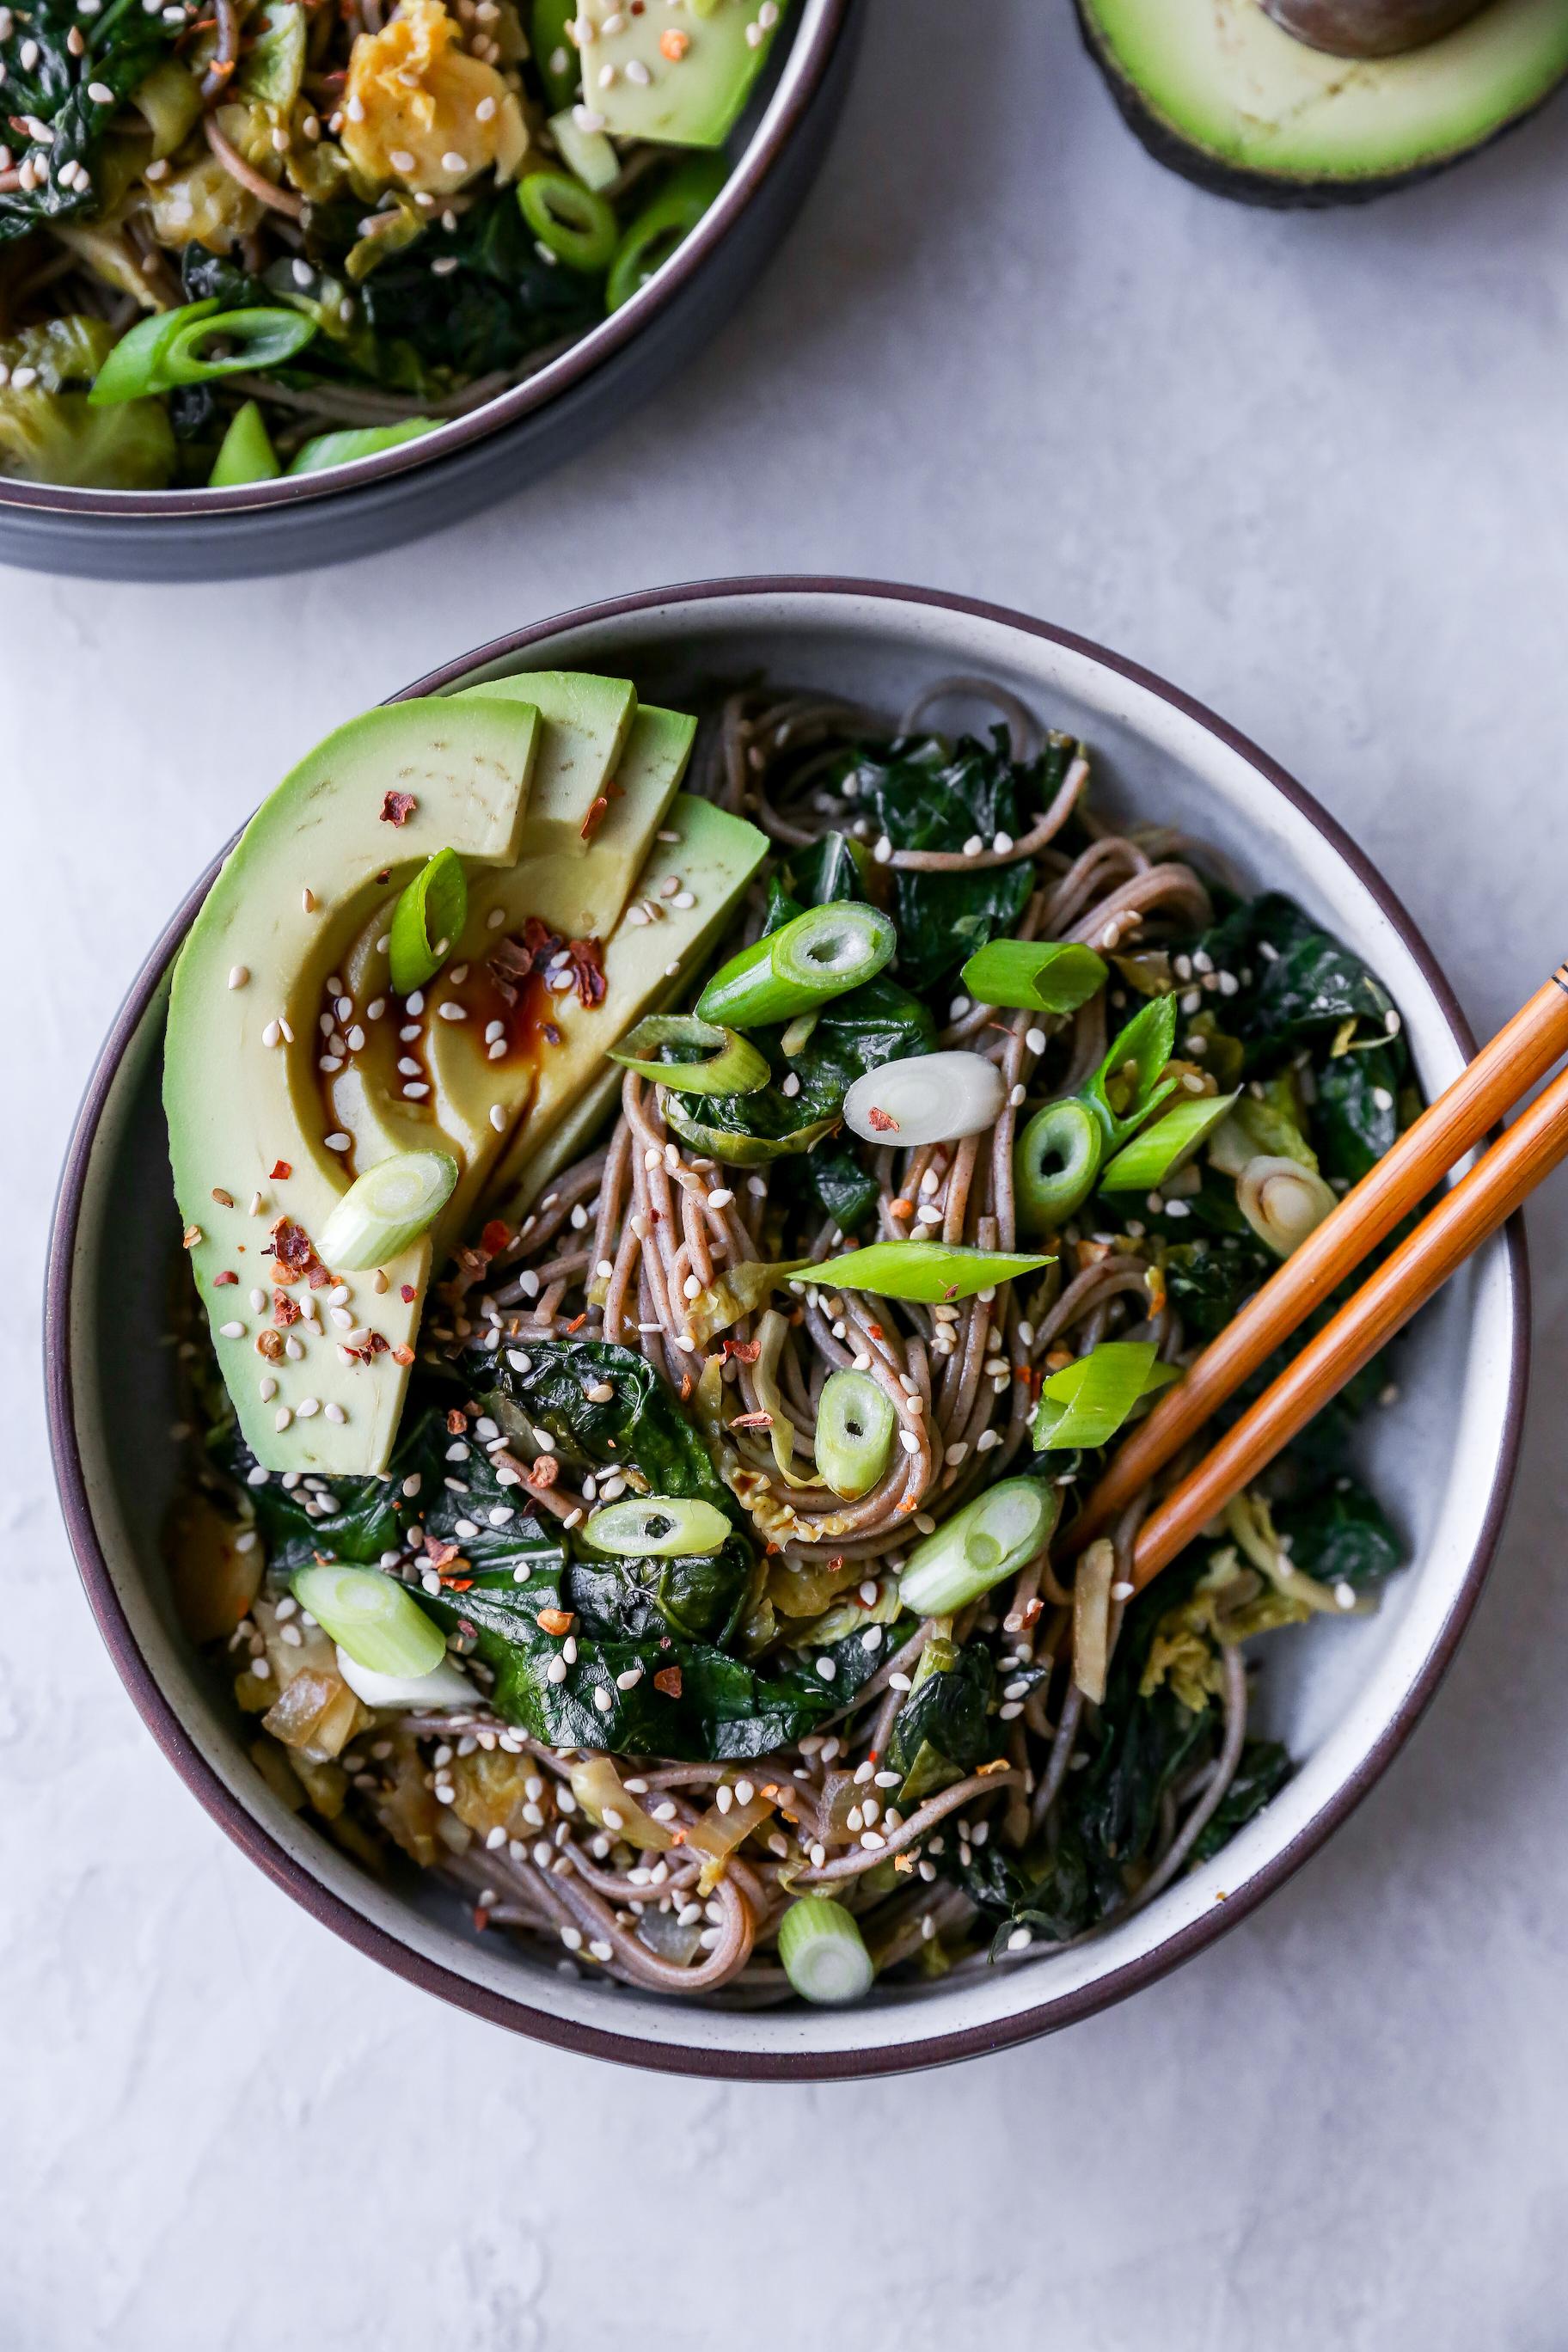 Warm Soba Noodle Salad with Greens & Avocado